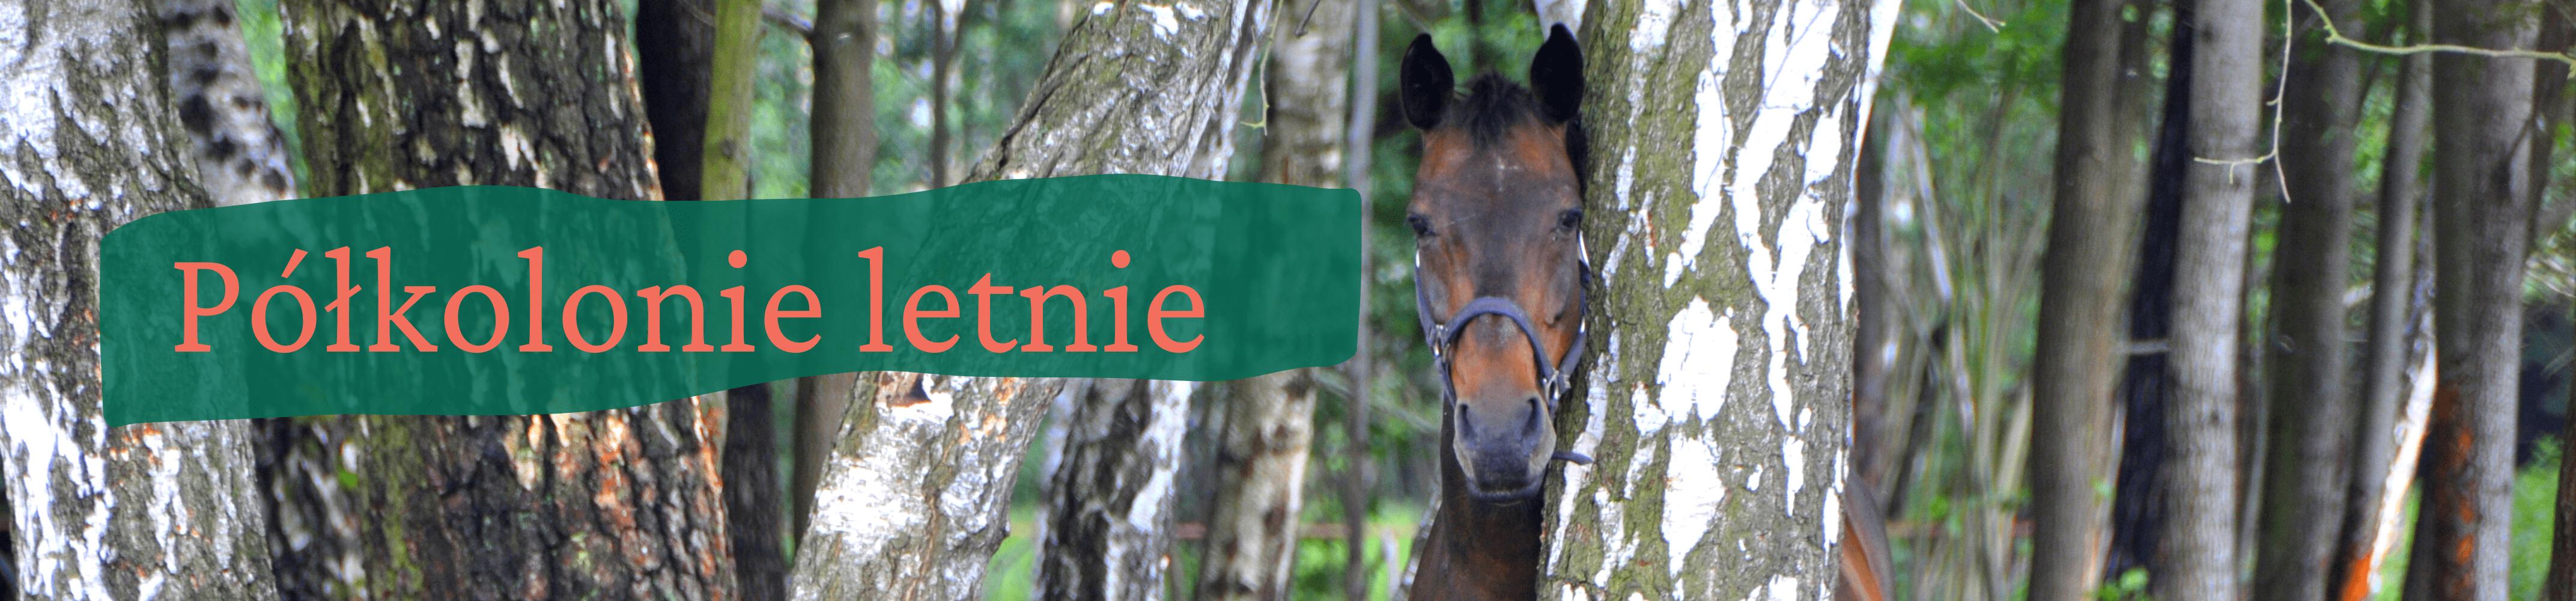 Portret gniadego konia stojącego za brzozą. Z lewej strony napis półkolonie letnie